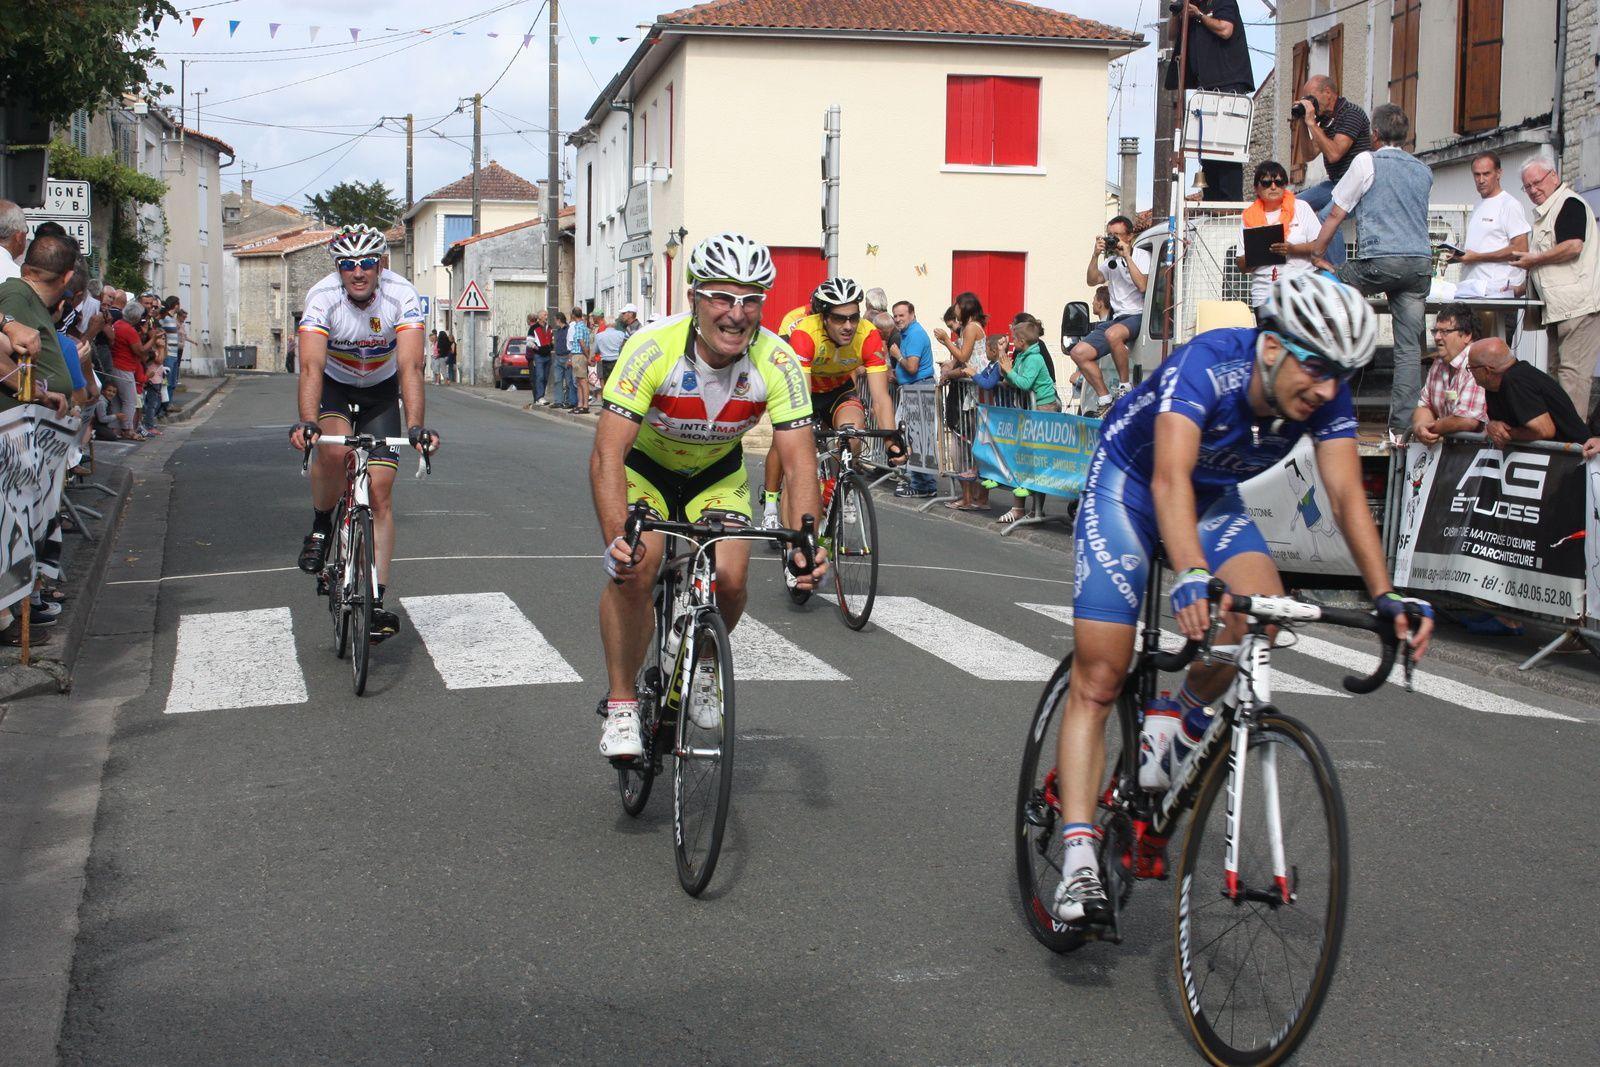 7e  Thomas  COUET(Beaupreau VS), 8e  Philippe  ESCOUBET(Grinta T), 9e  Richard  GARCIA(Beaupréau VS), 10e  Alain  LEGOUEZIGOU(CA  Civray), 11e  Nicolas  VINCENT(Beaupreau VS), 12e  Stéphane  BOSSIS(VC  challans), 13e  Henrick  SICAUD(P  st Florent), 14e  Sylvain  VERGEREAU(VC  Montaigu), 15e  Benjamin  DUPUY(VC  Loudun), 16e  Patrice  BRUNET(C  Sud-Saintonge), 17e  Frédéric  BARDET(VC  Jarnac), 18e  Frédéric  FONTAINE(UCC  Vivonne), 19e  Olivier  POUGET(GL  Gond  Pontouvre), 20e  Aurélien  POIRIER(Beaupréau VS)